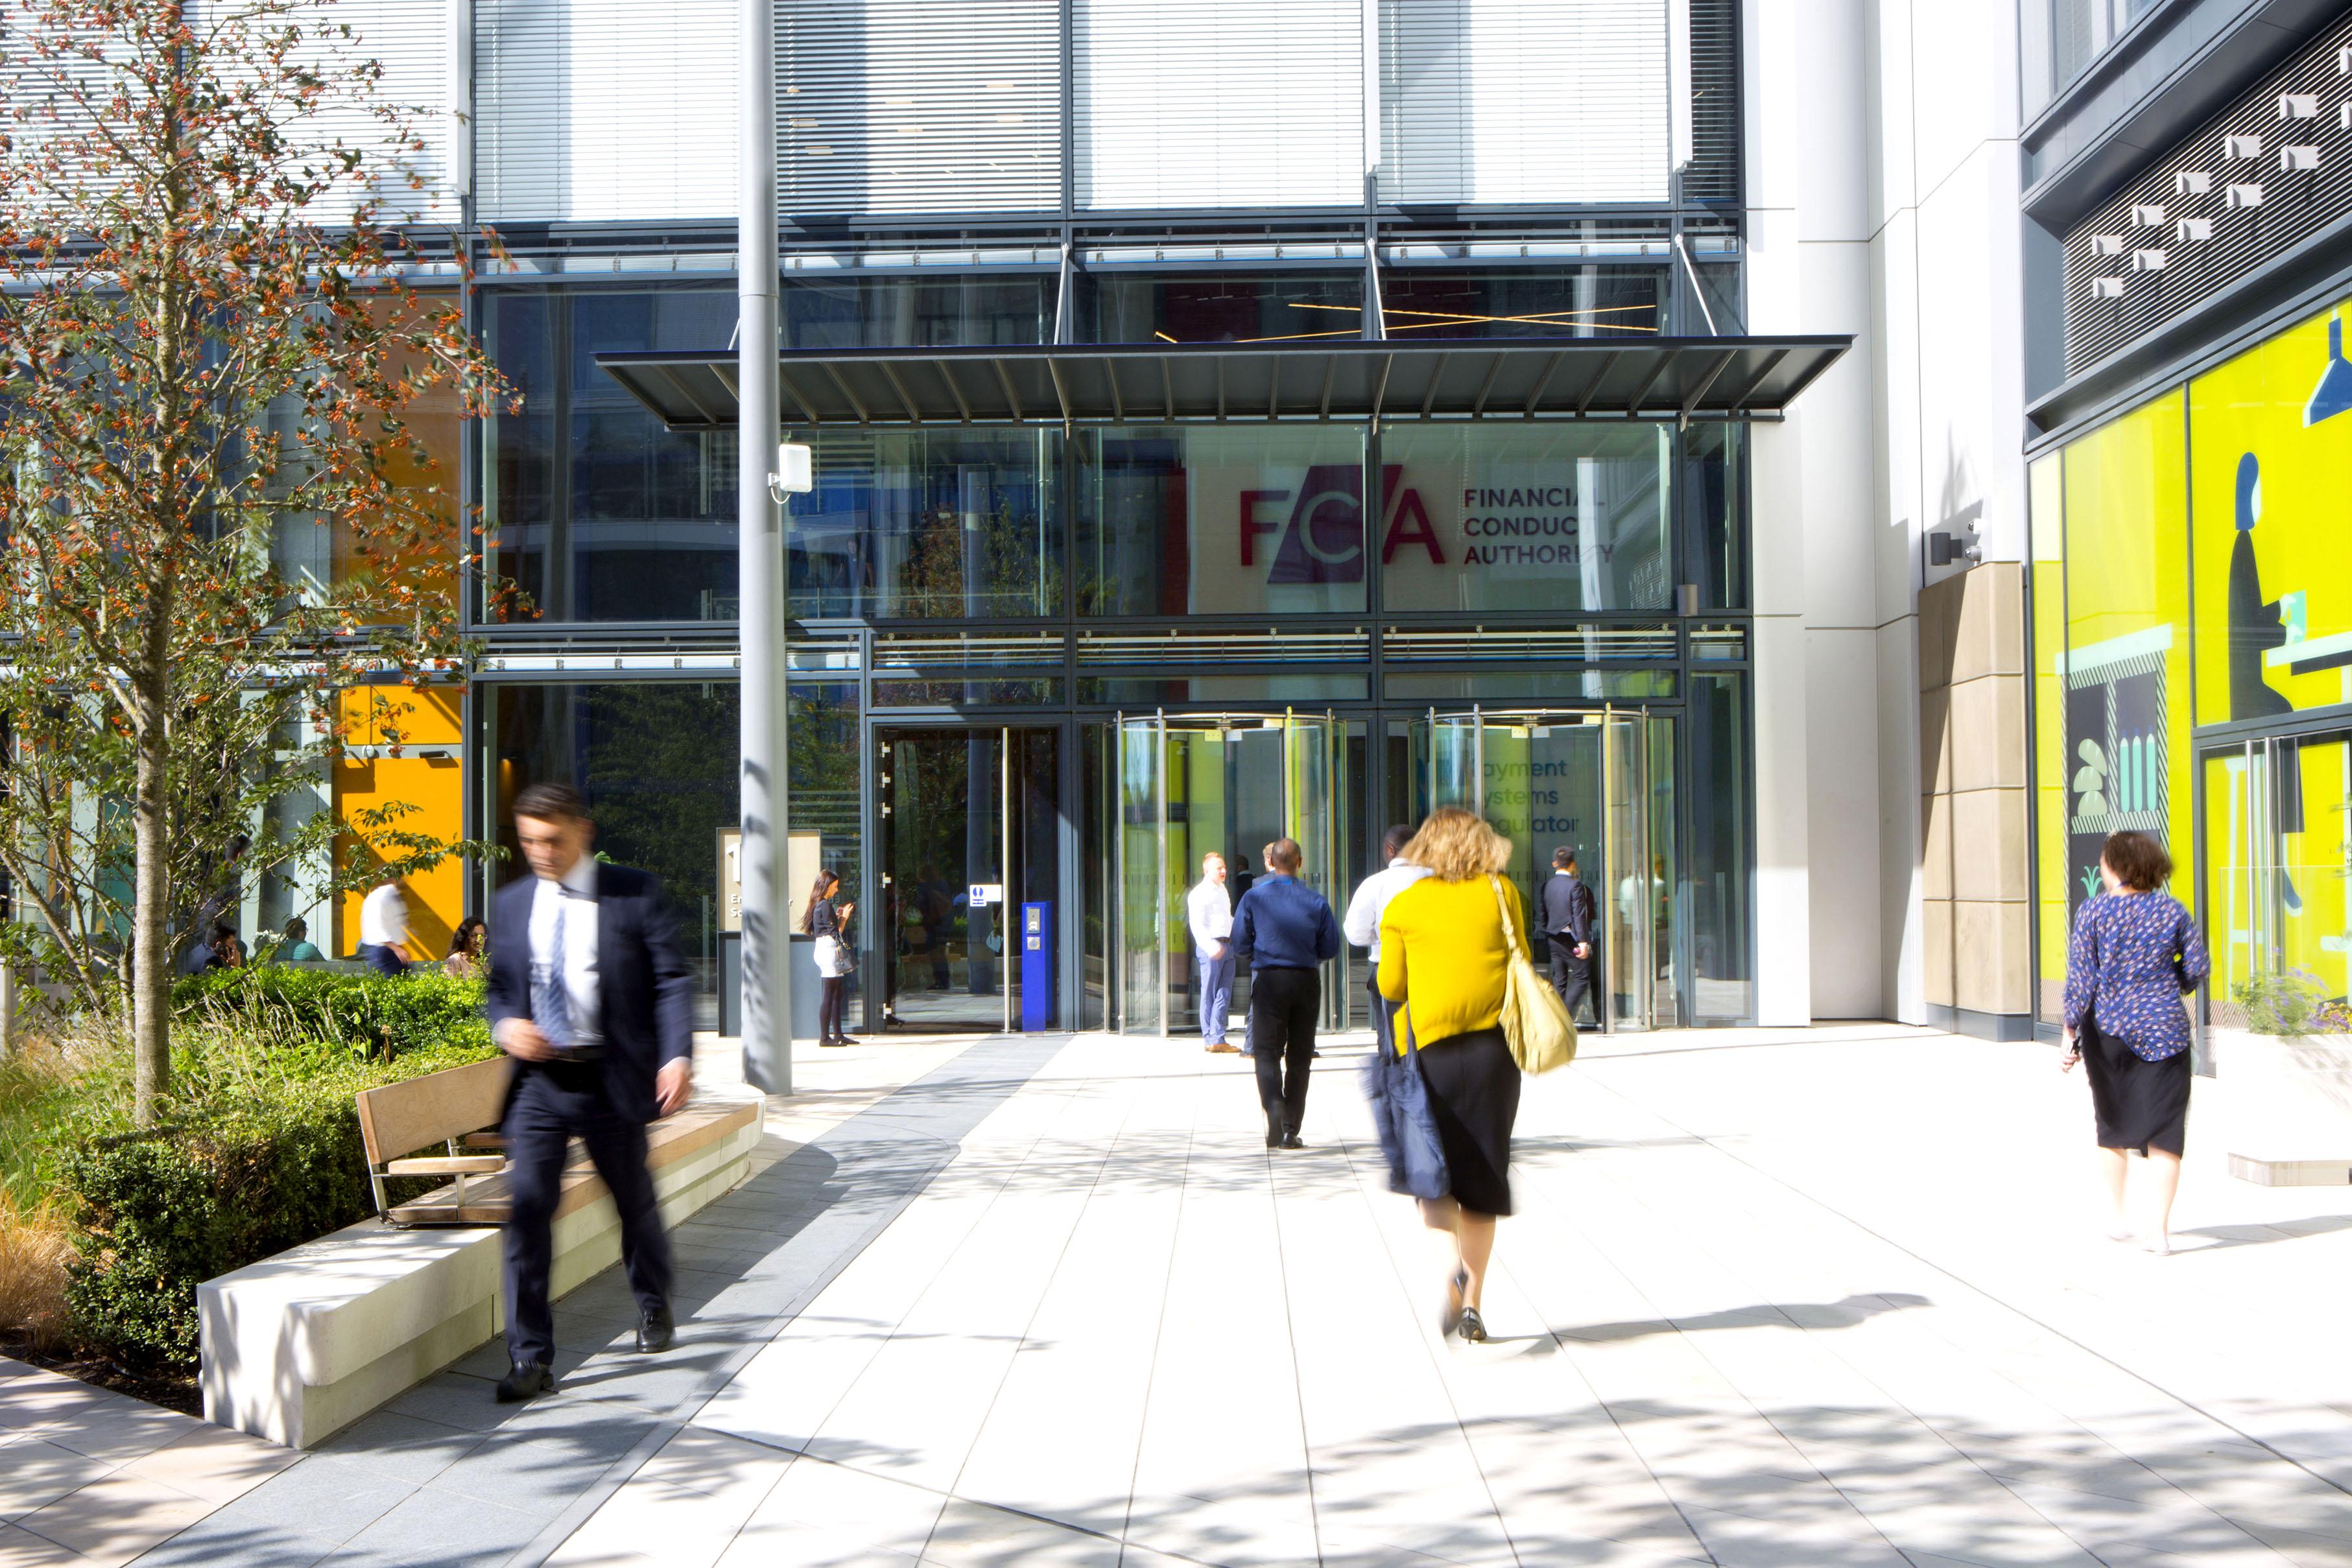 Entrance to FCA building